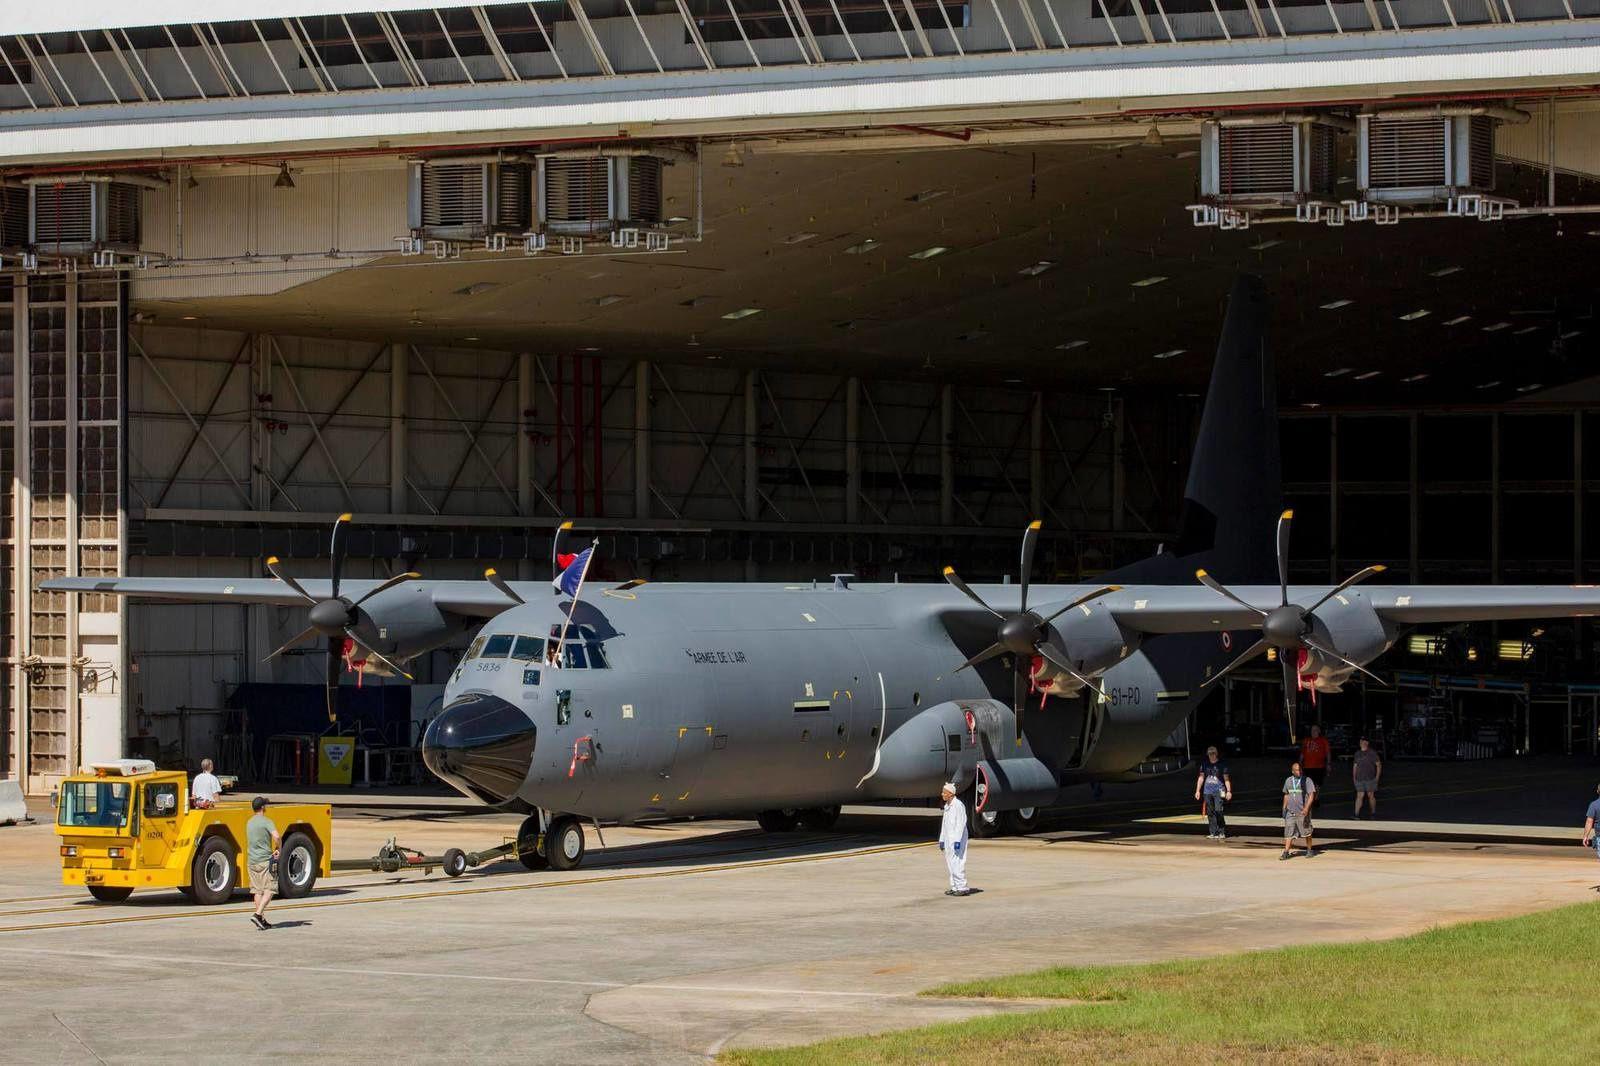 l'Escadron de Transport (ET) 2/61 «Franche-Comté» a annoncé que le premier avion de transport C-130J-30 Super Hercules destiné à l'Armée de l'Air française venait de sortir des chaînes d'assemblage Ob_0b638d_22552951-1680762698634687-169125874490